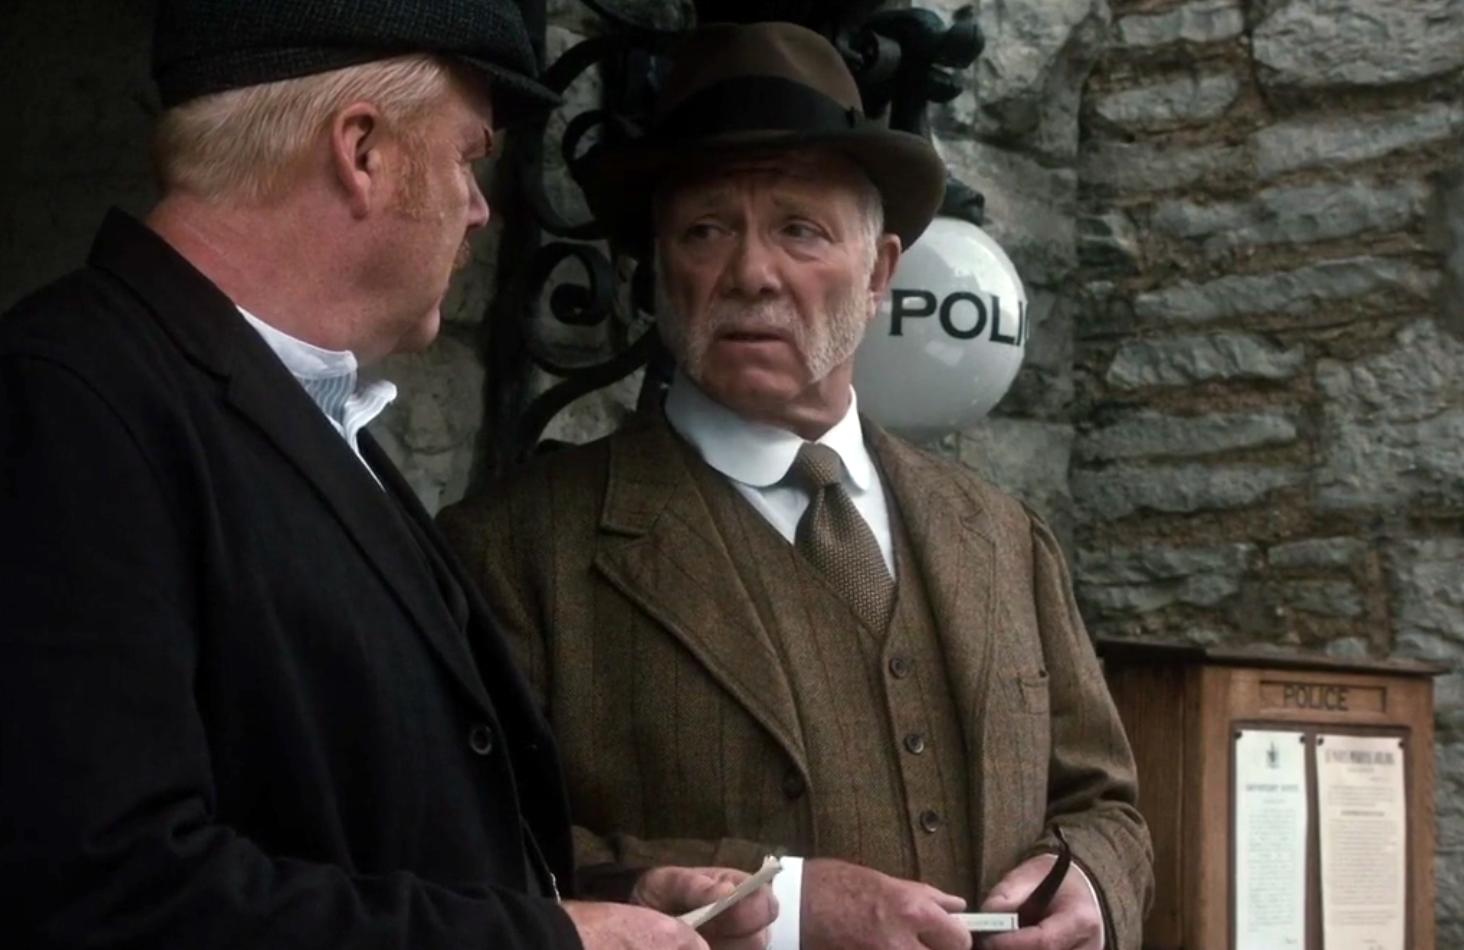 Inspector Deakins